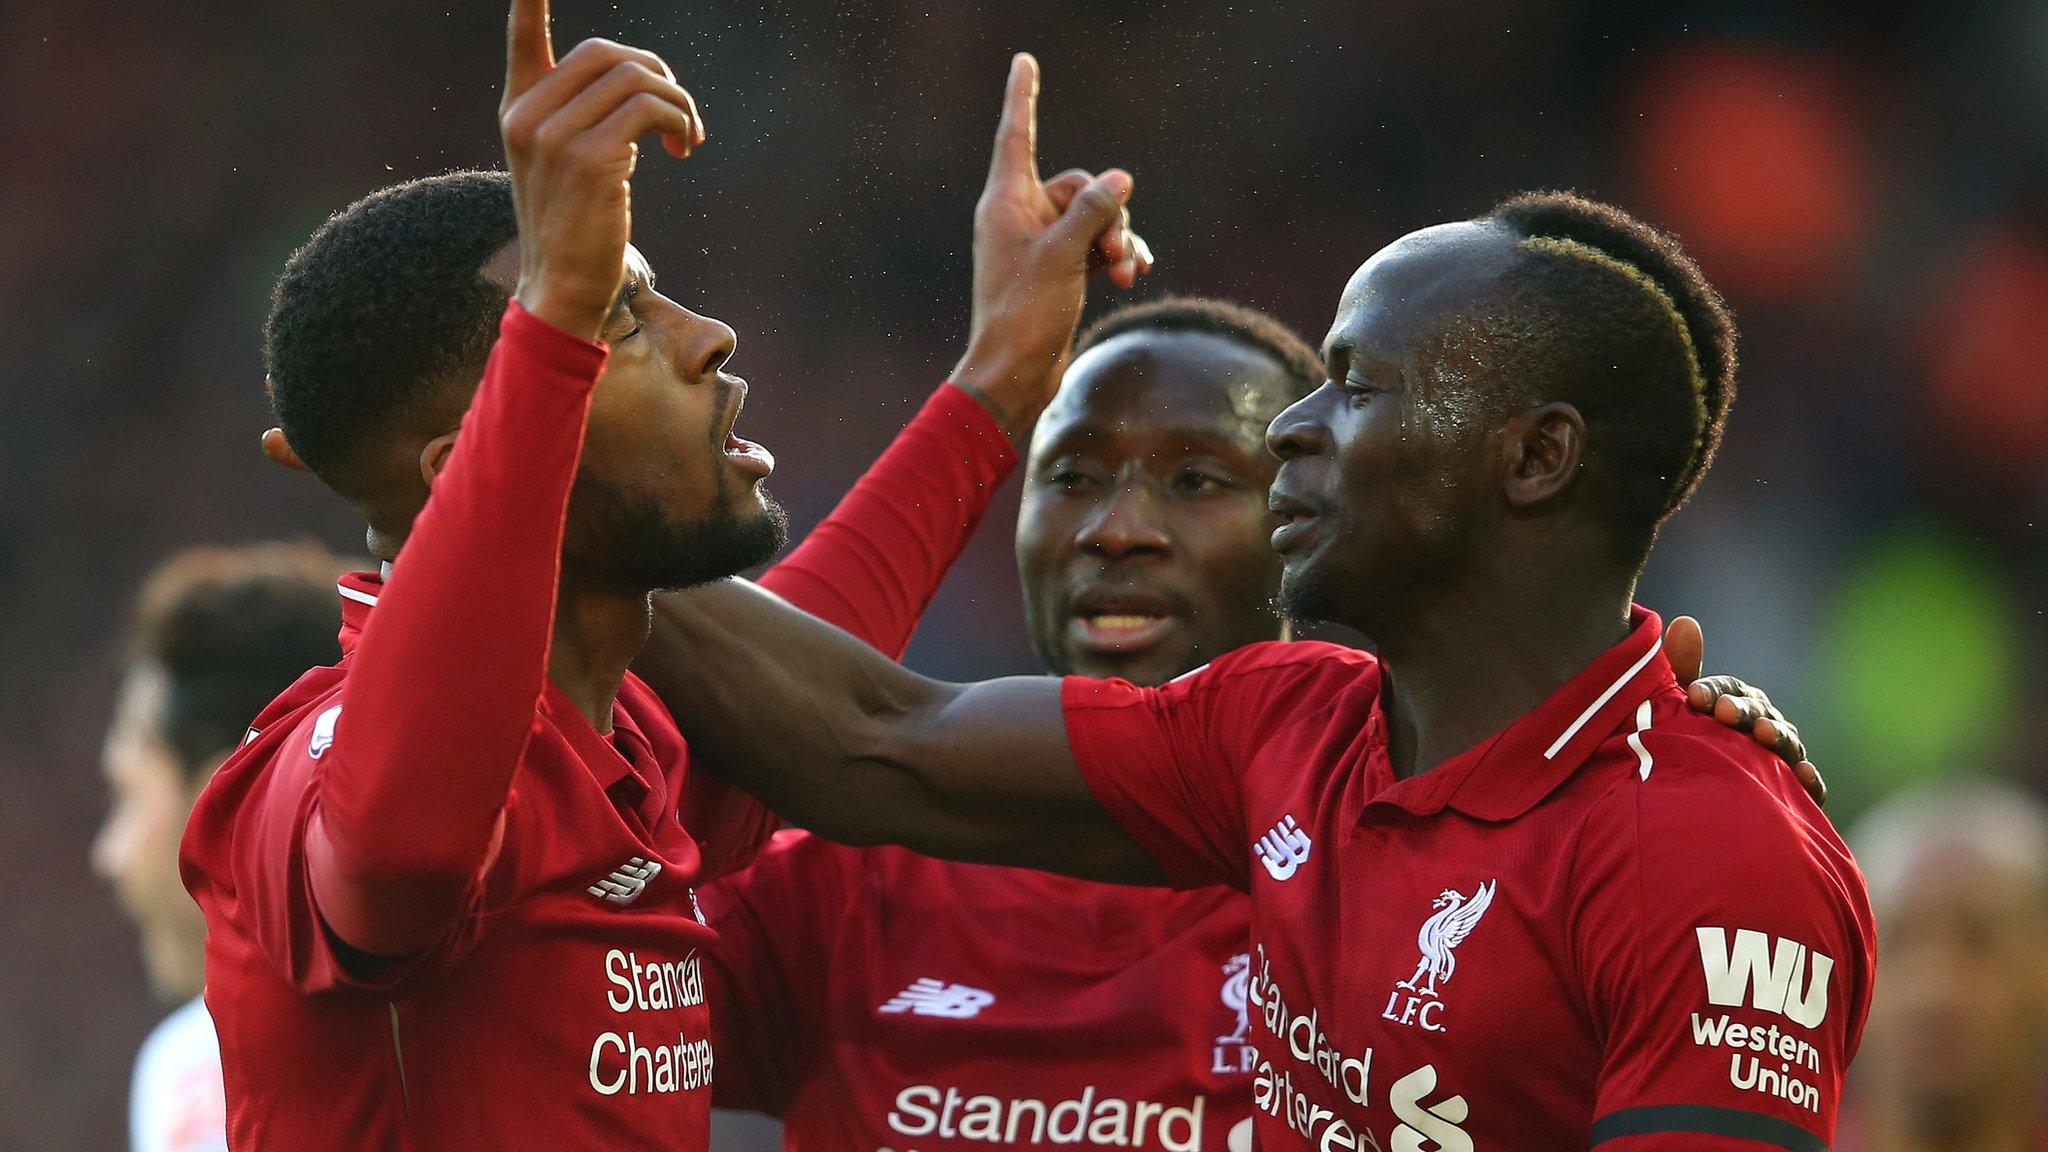 Liverpool 3-0 Bournemouth: Salah scores again as Reds regain Premier League lead